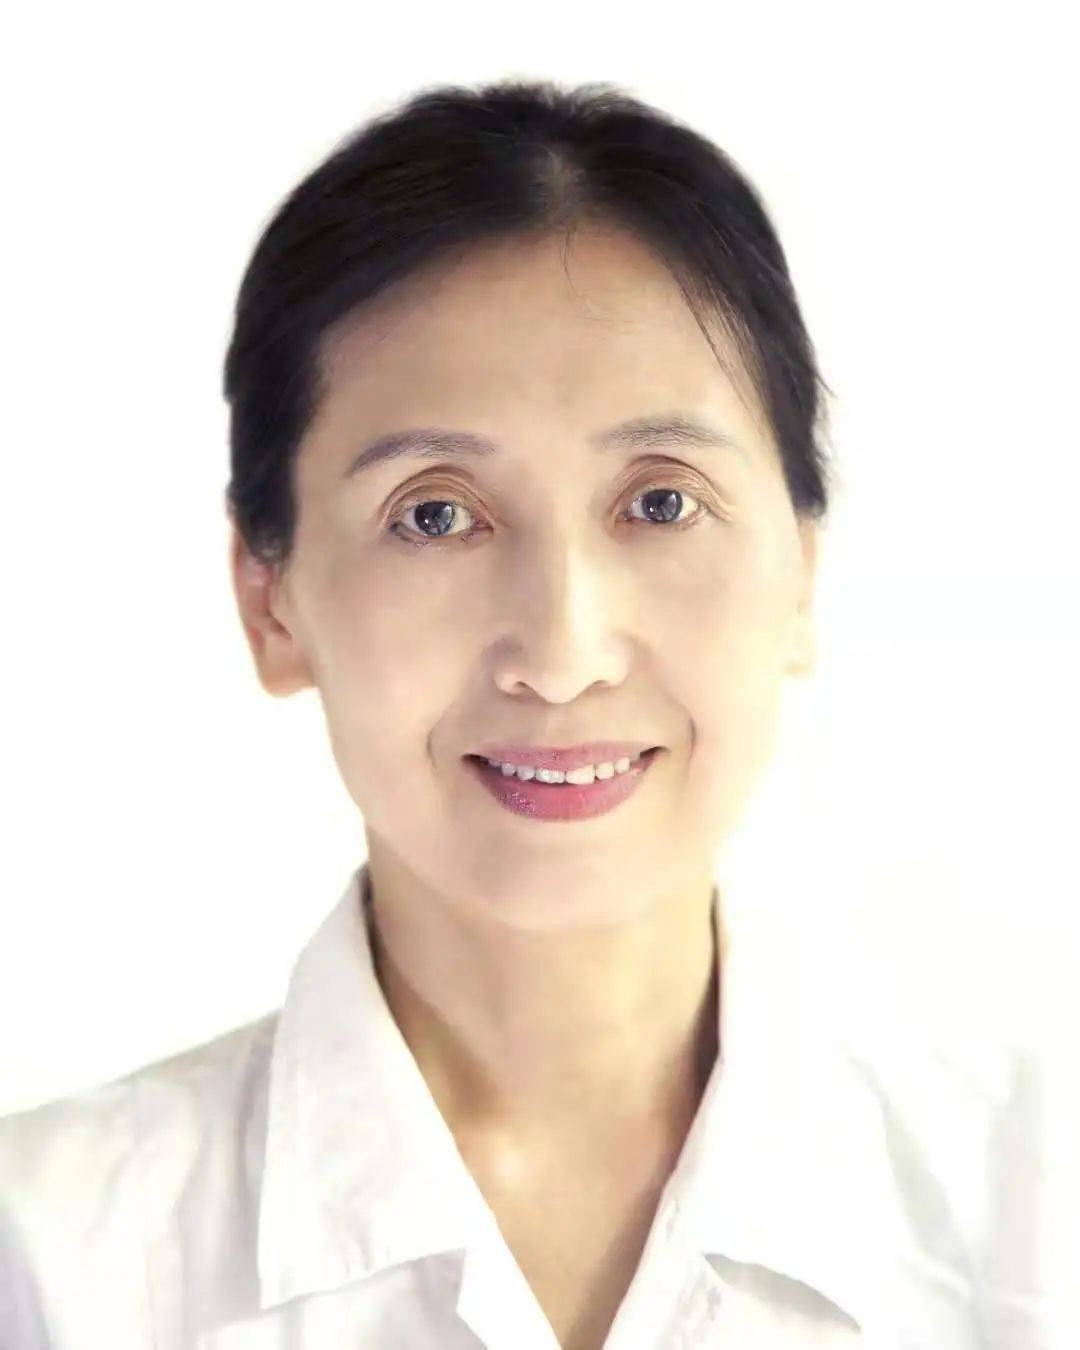 眼科专家邓艺方